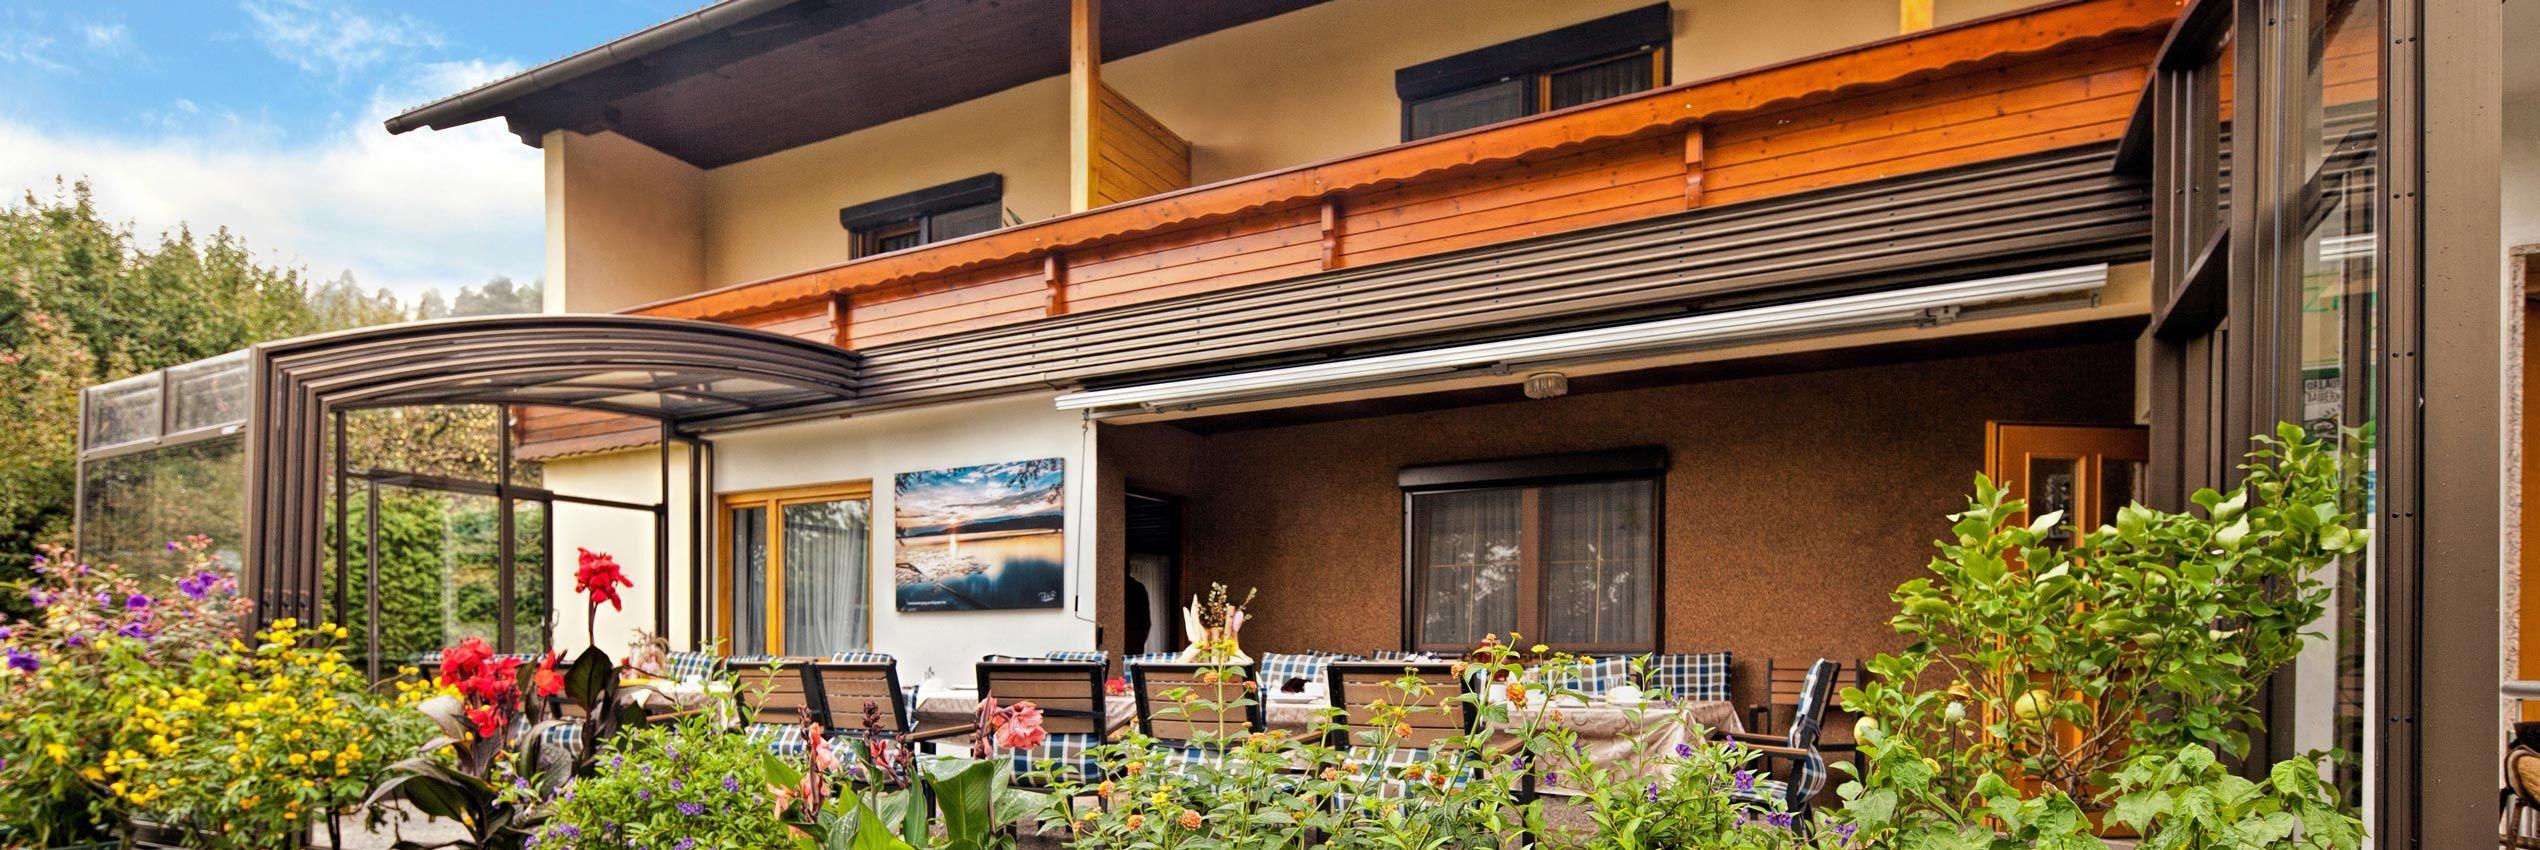 Geschlossene Terrassenüberdachung CORSO Premium für Horeca